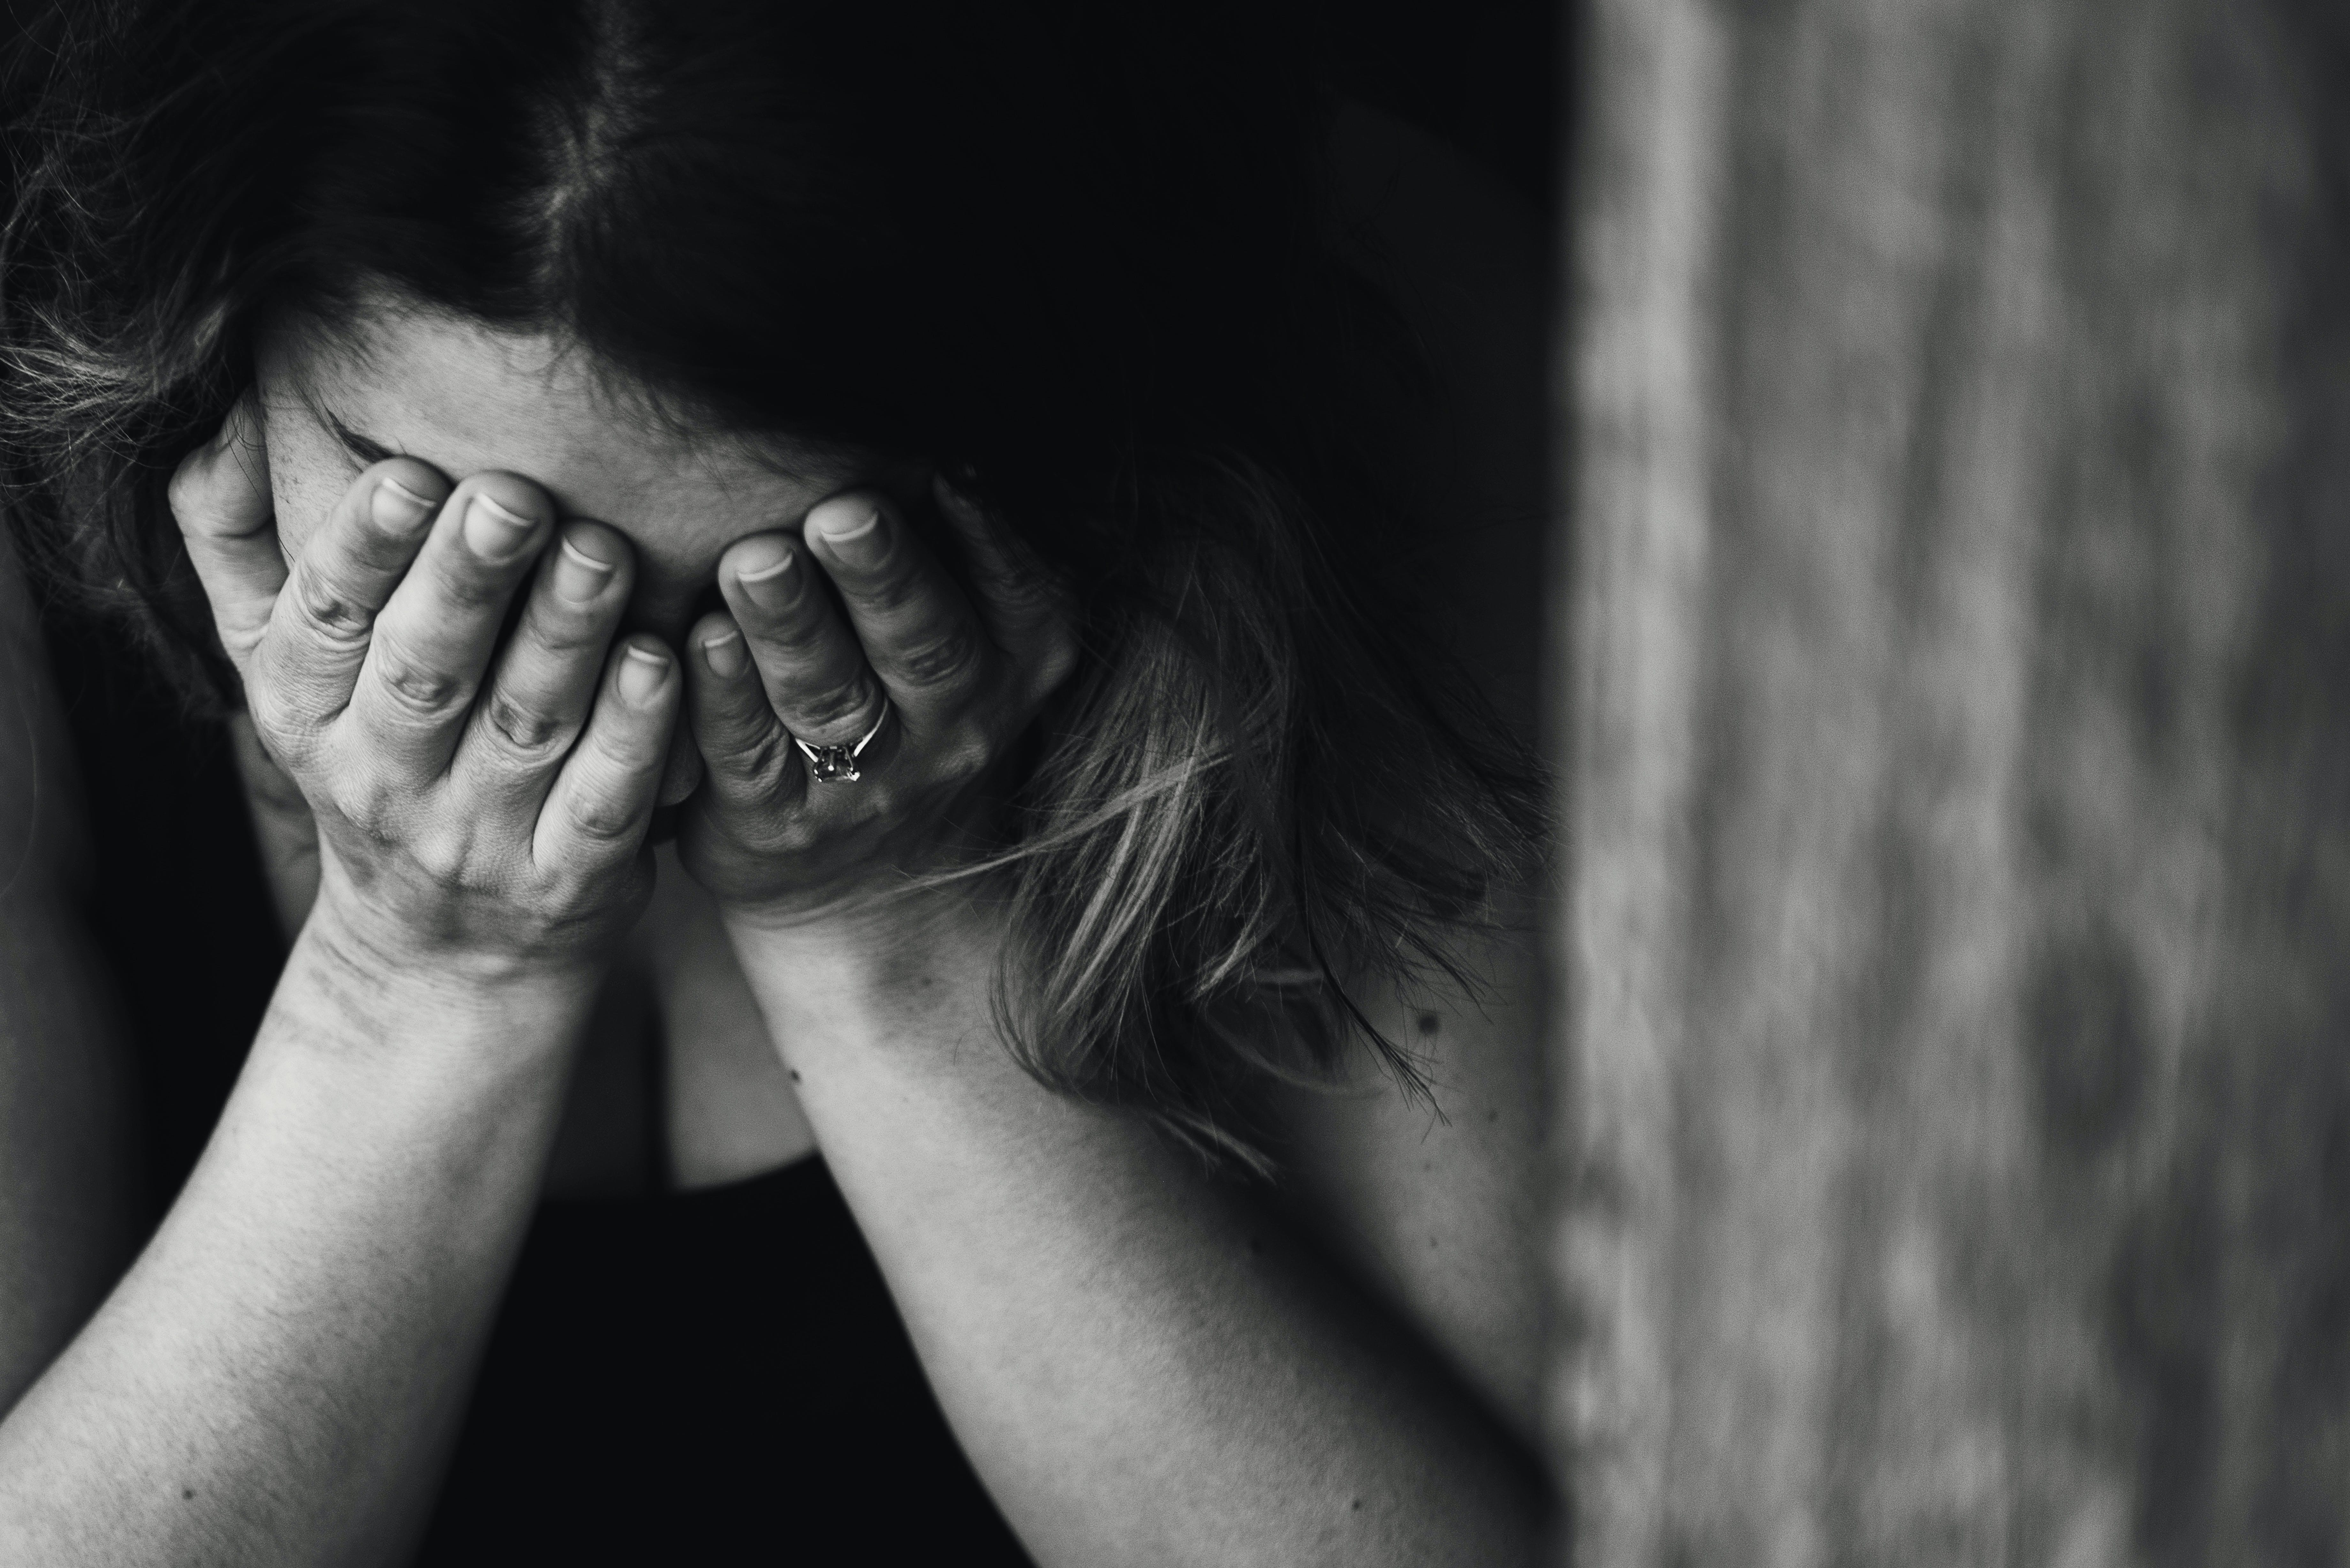 de ansioso, blanco y negro, concentrarse, depresión